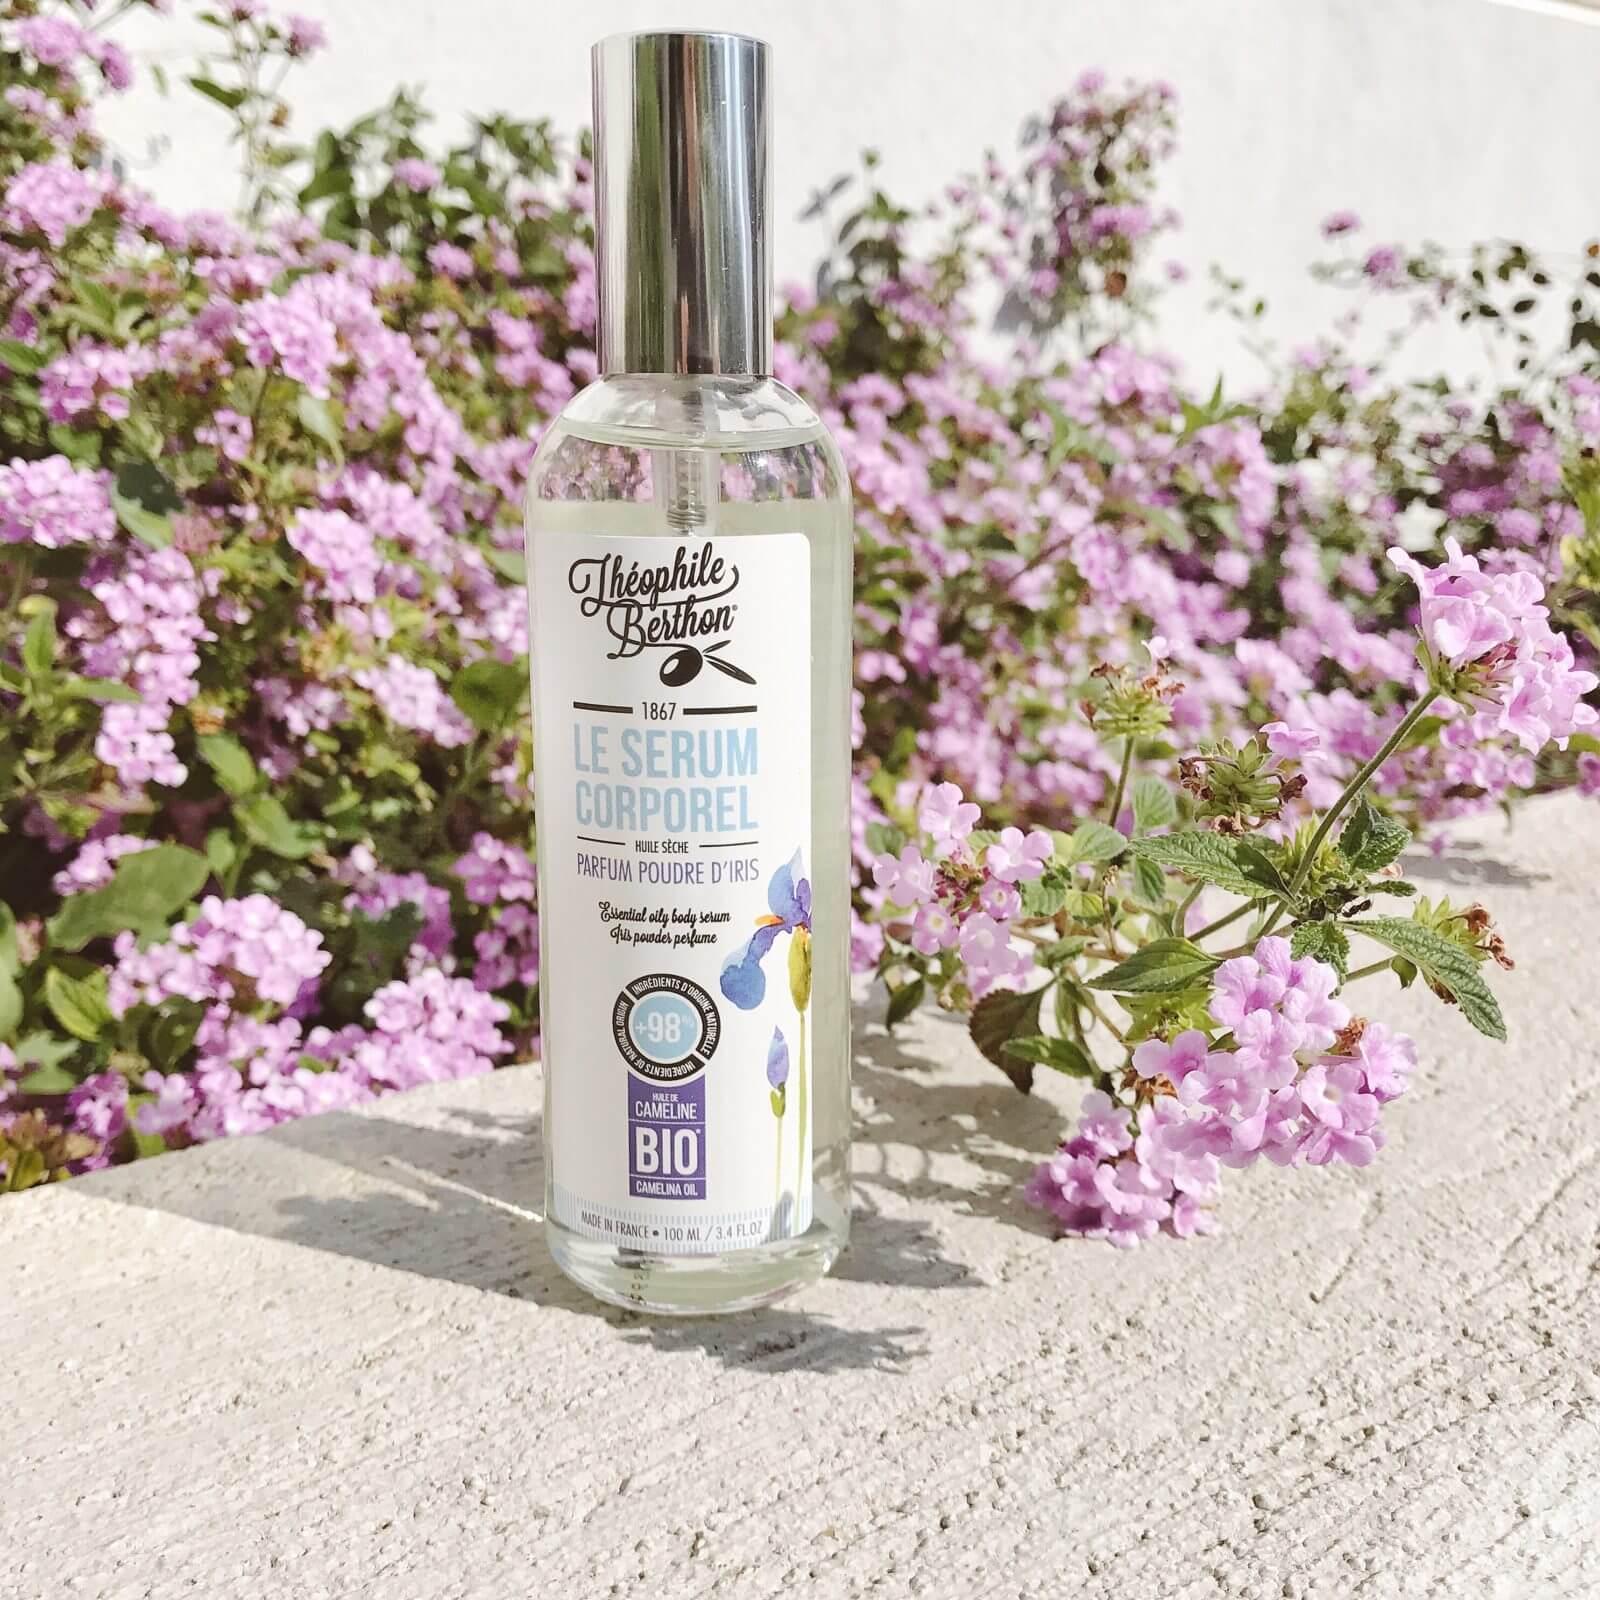 Le sérum corps parfum poudre d'iris